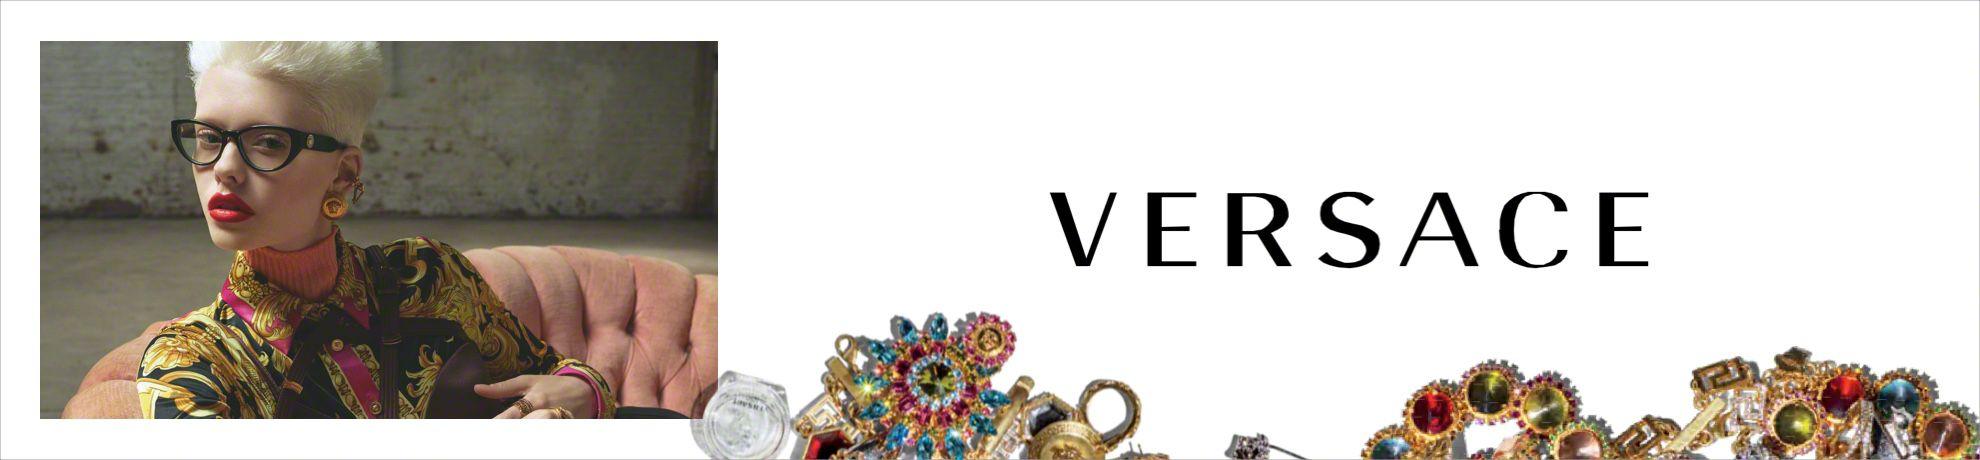 Espejuelos Versace